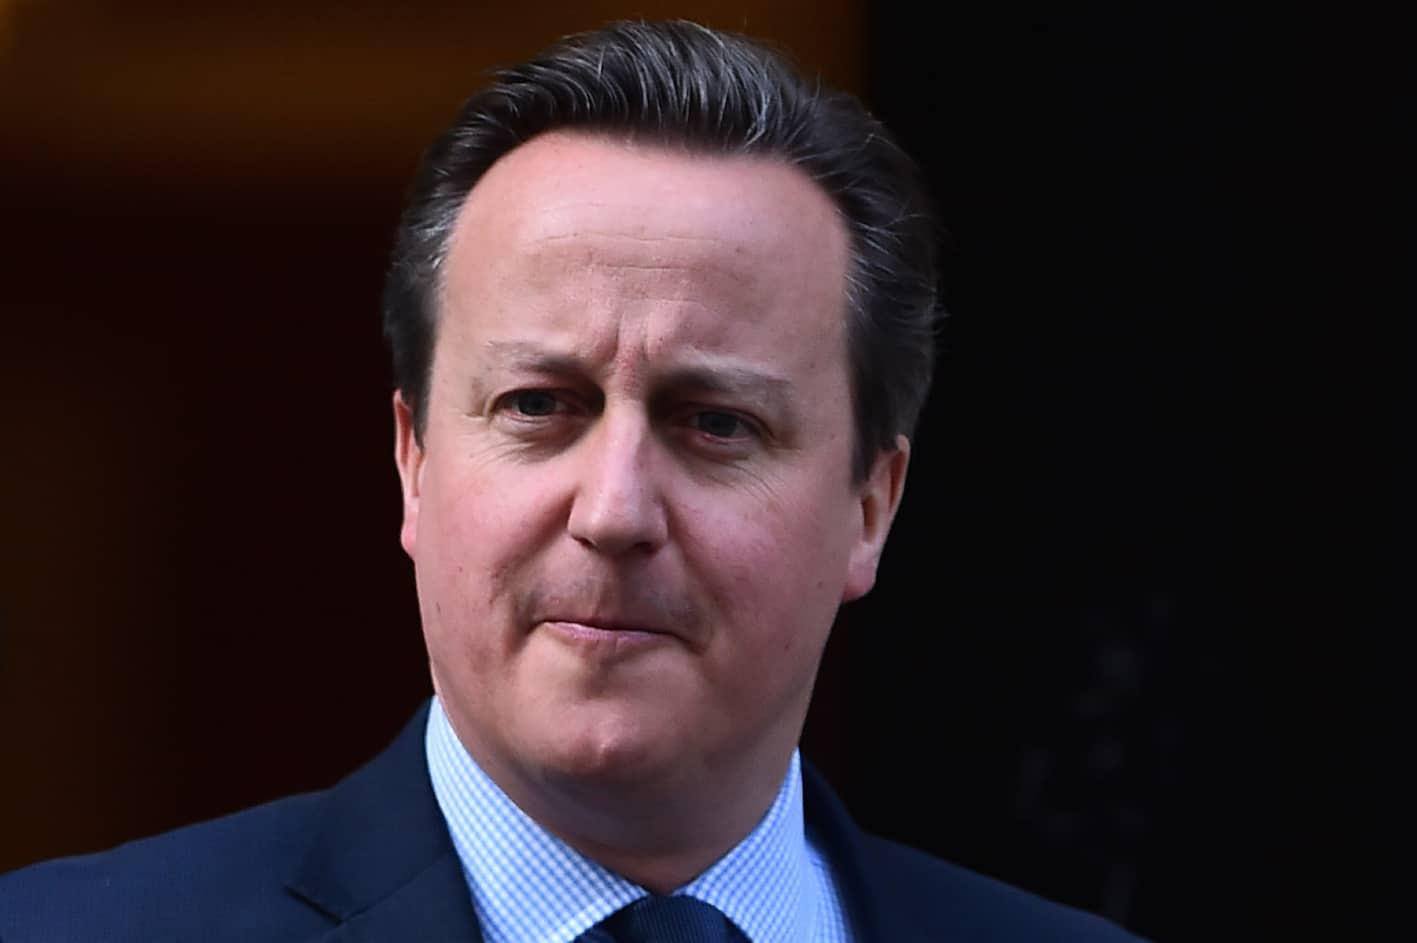 David Cameron; Brexit